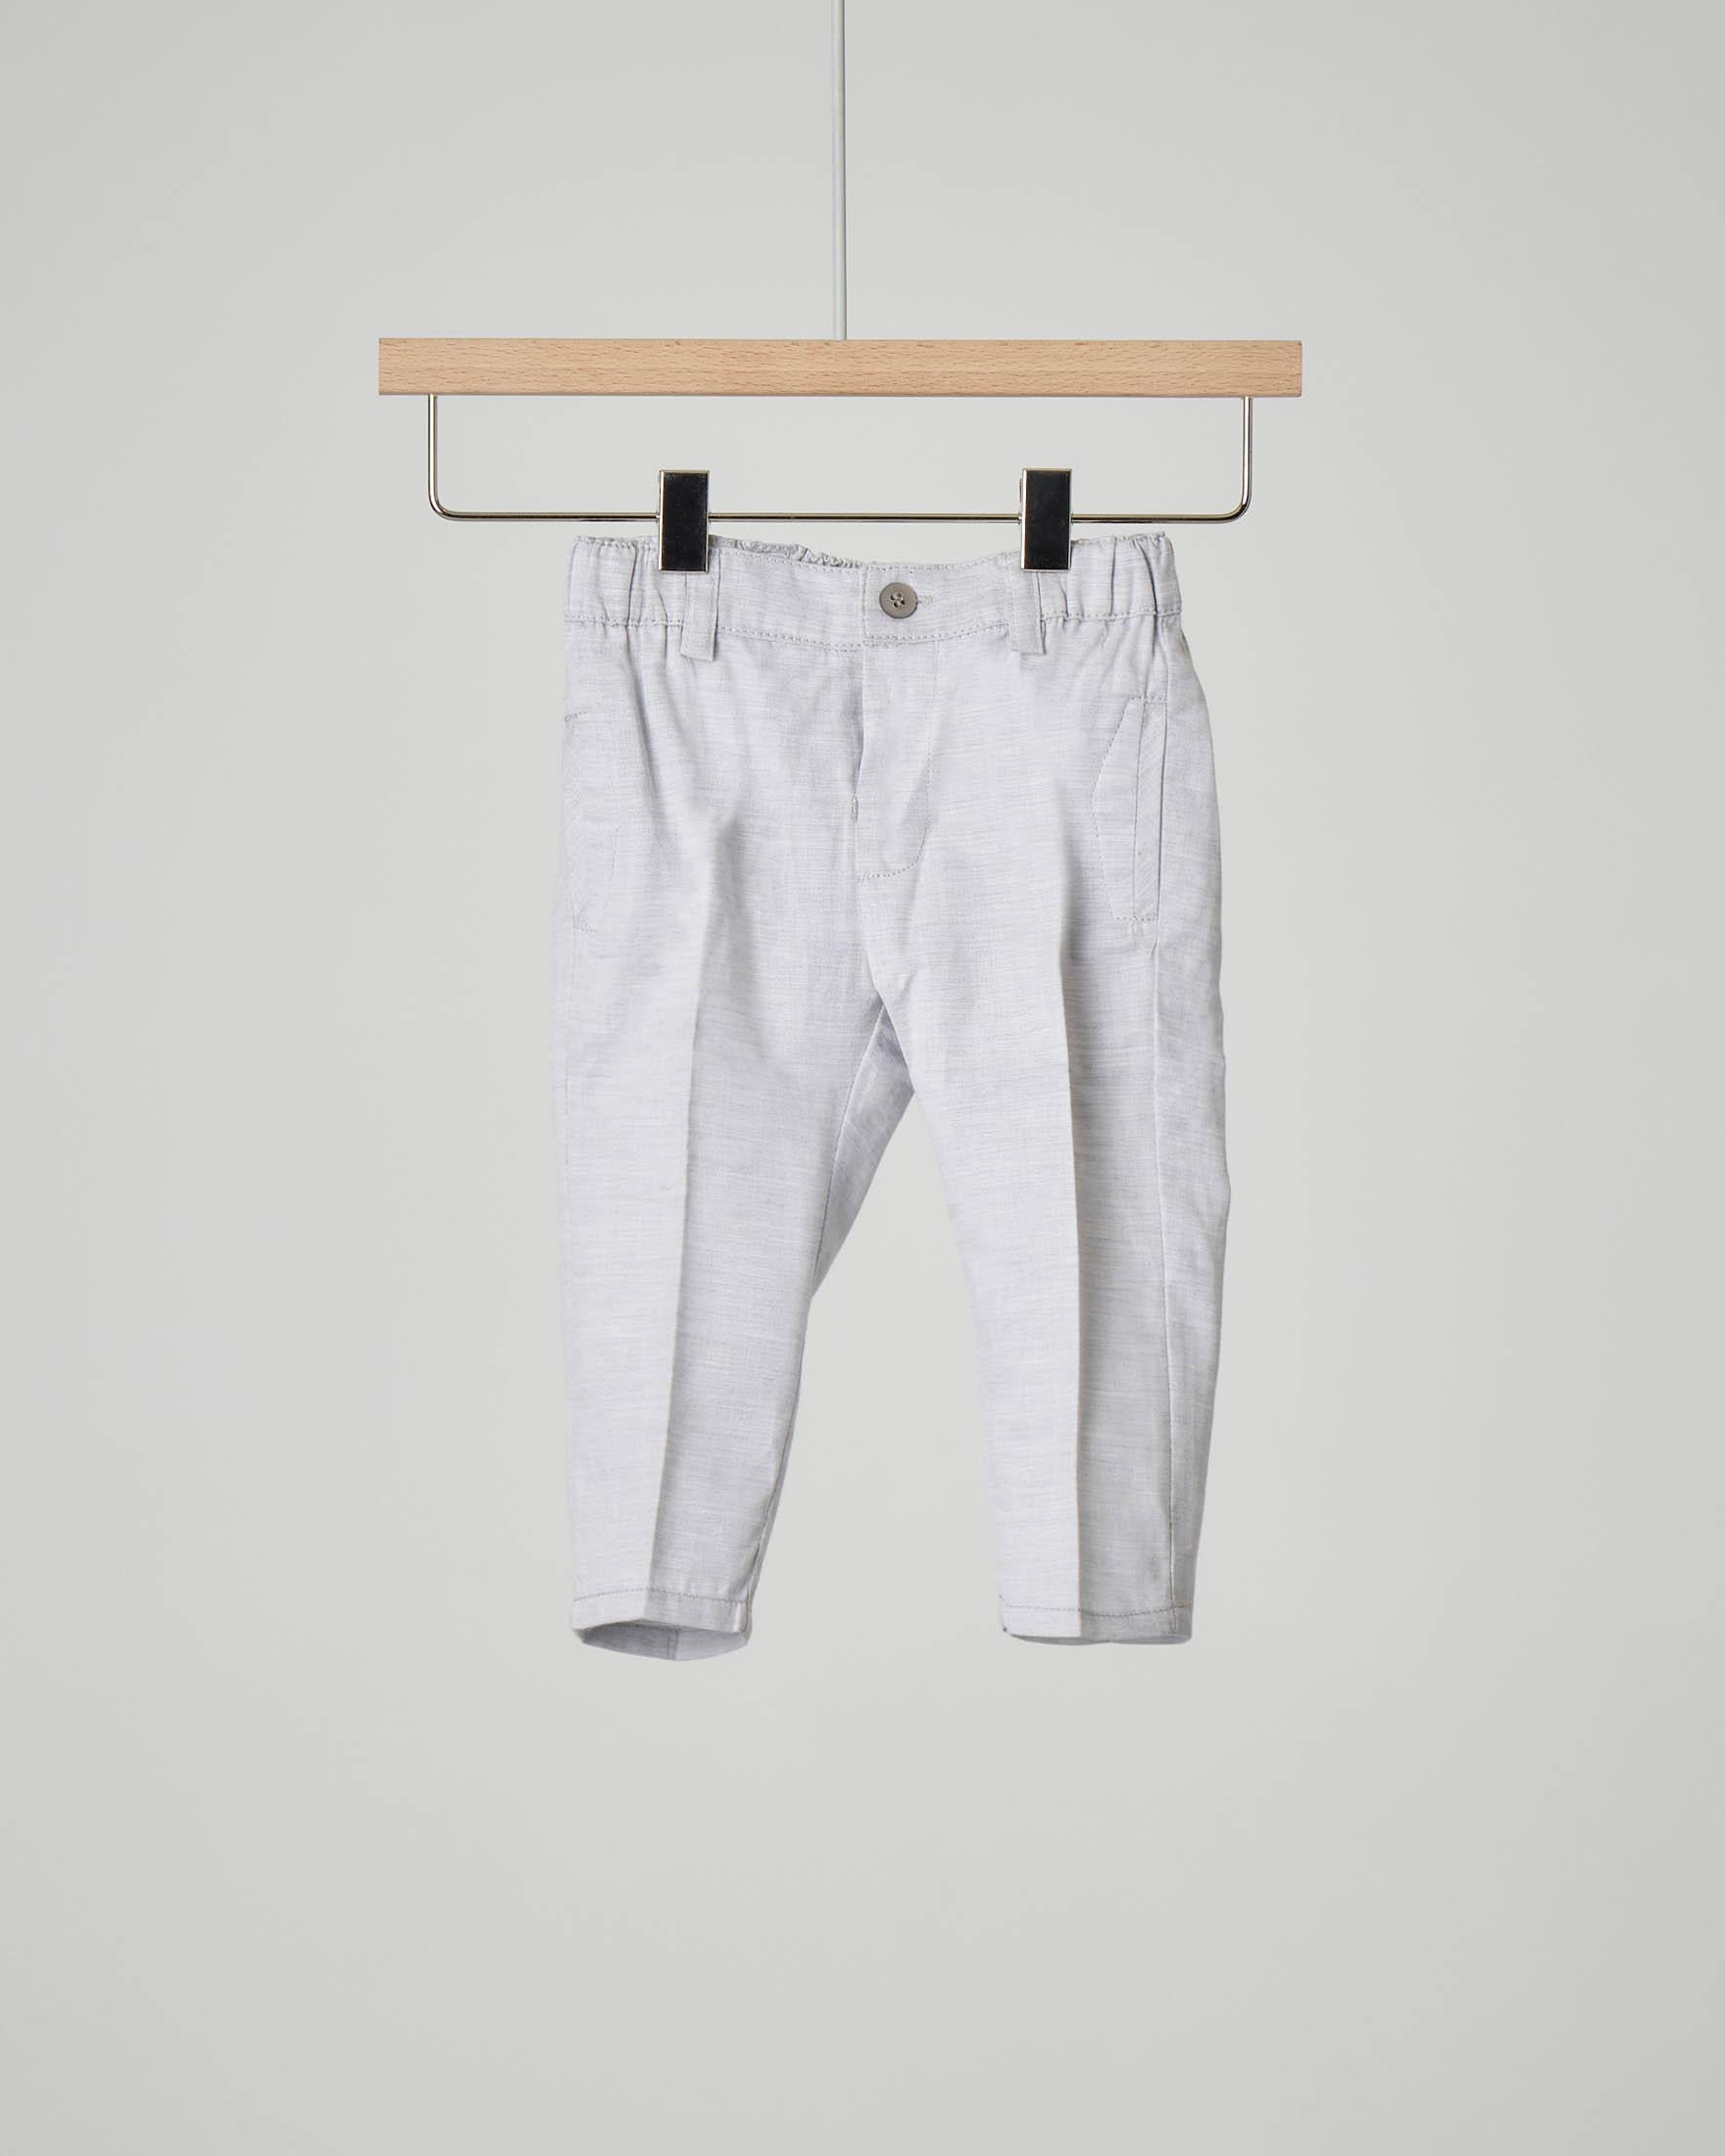 Pantaloni grigi in cotone con piega vista ed elastico inserito in vita